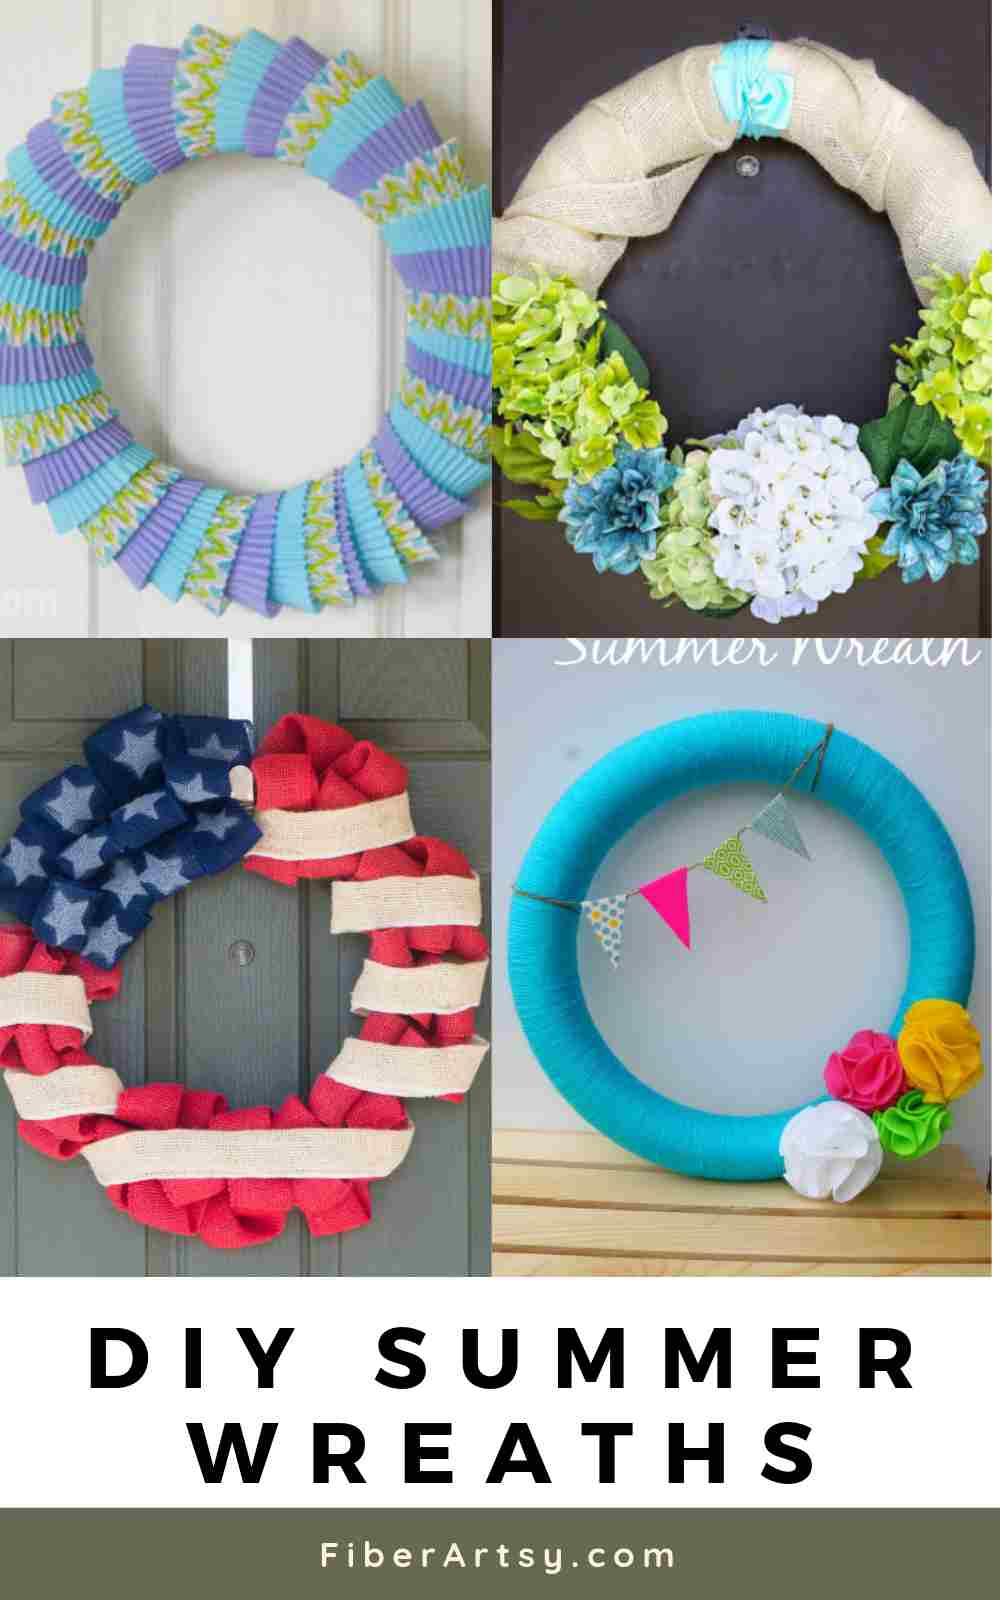 DIY and Handmade Summer Wreath Ideas